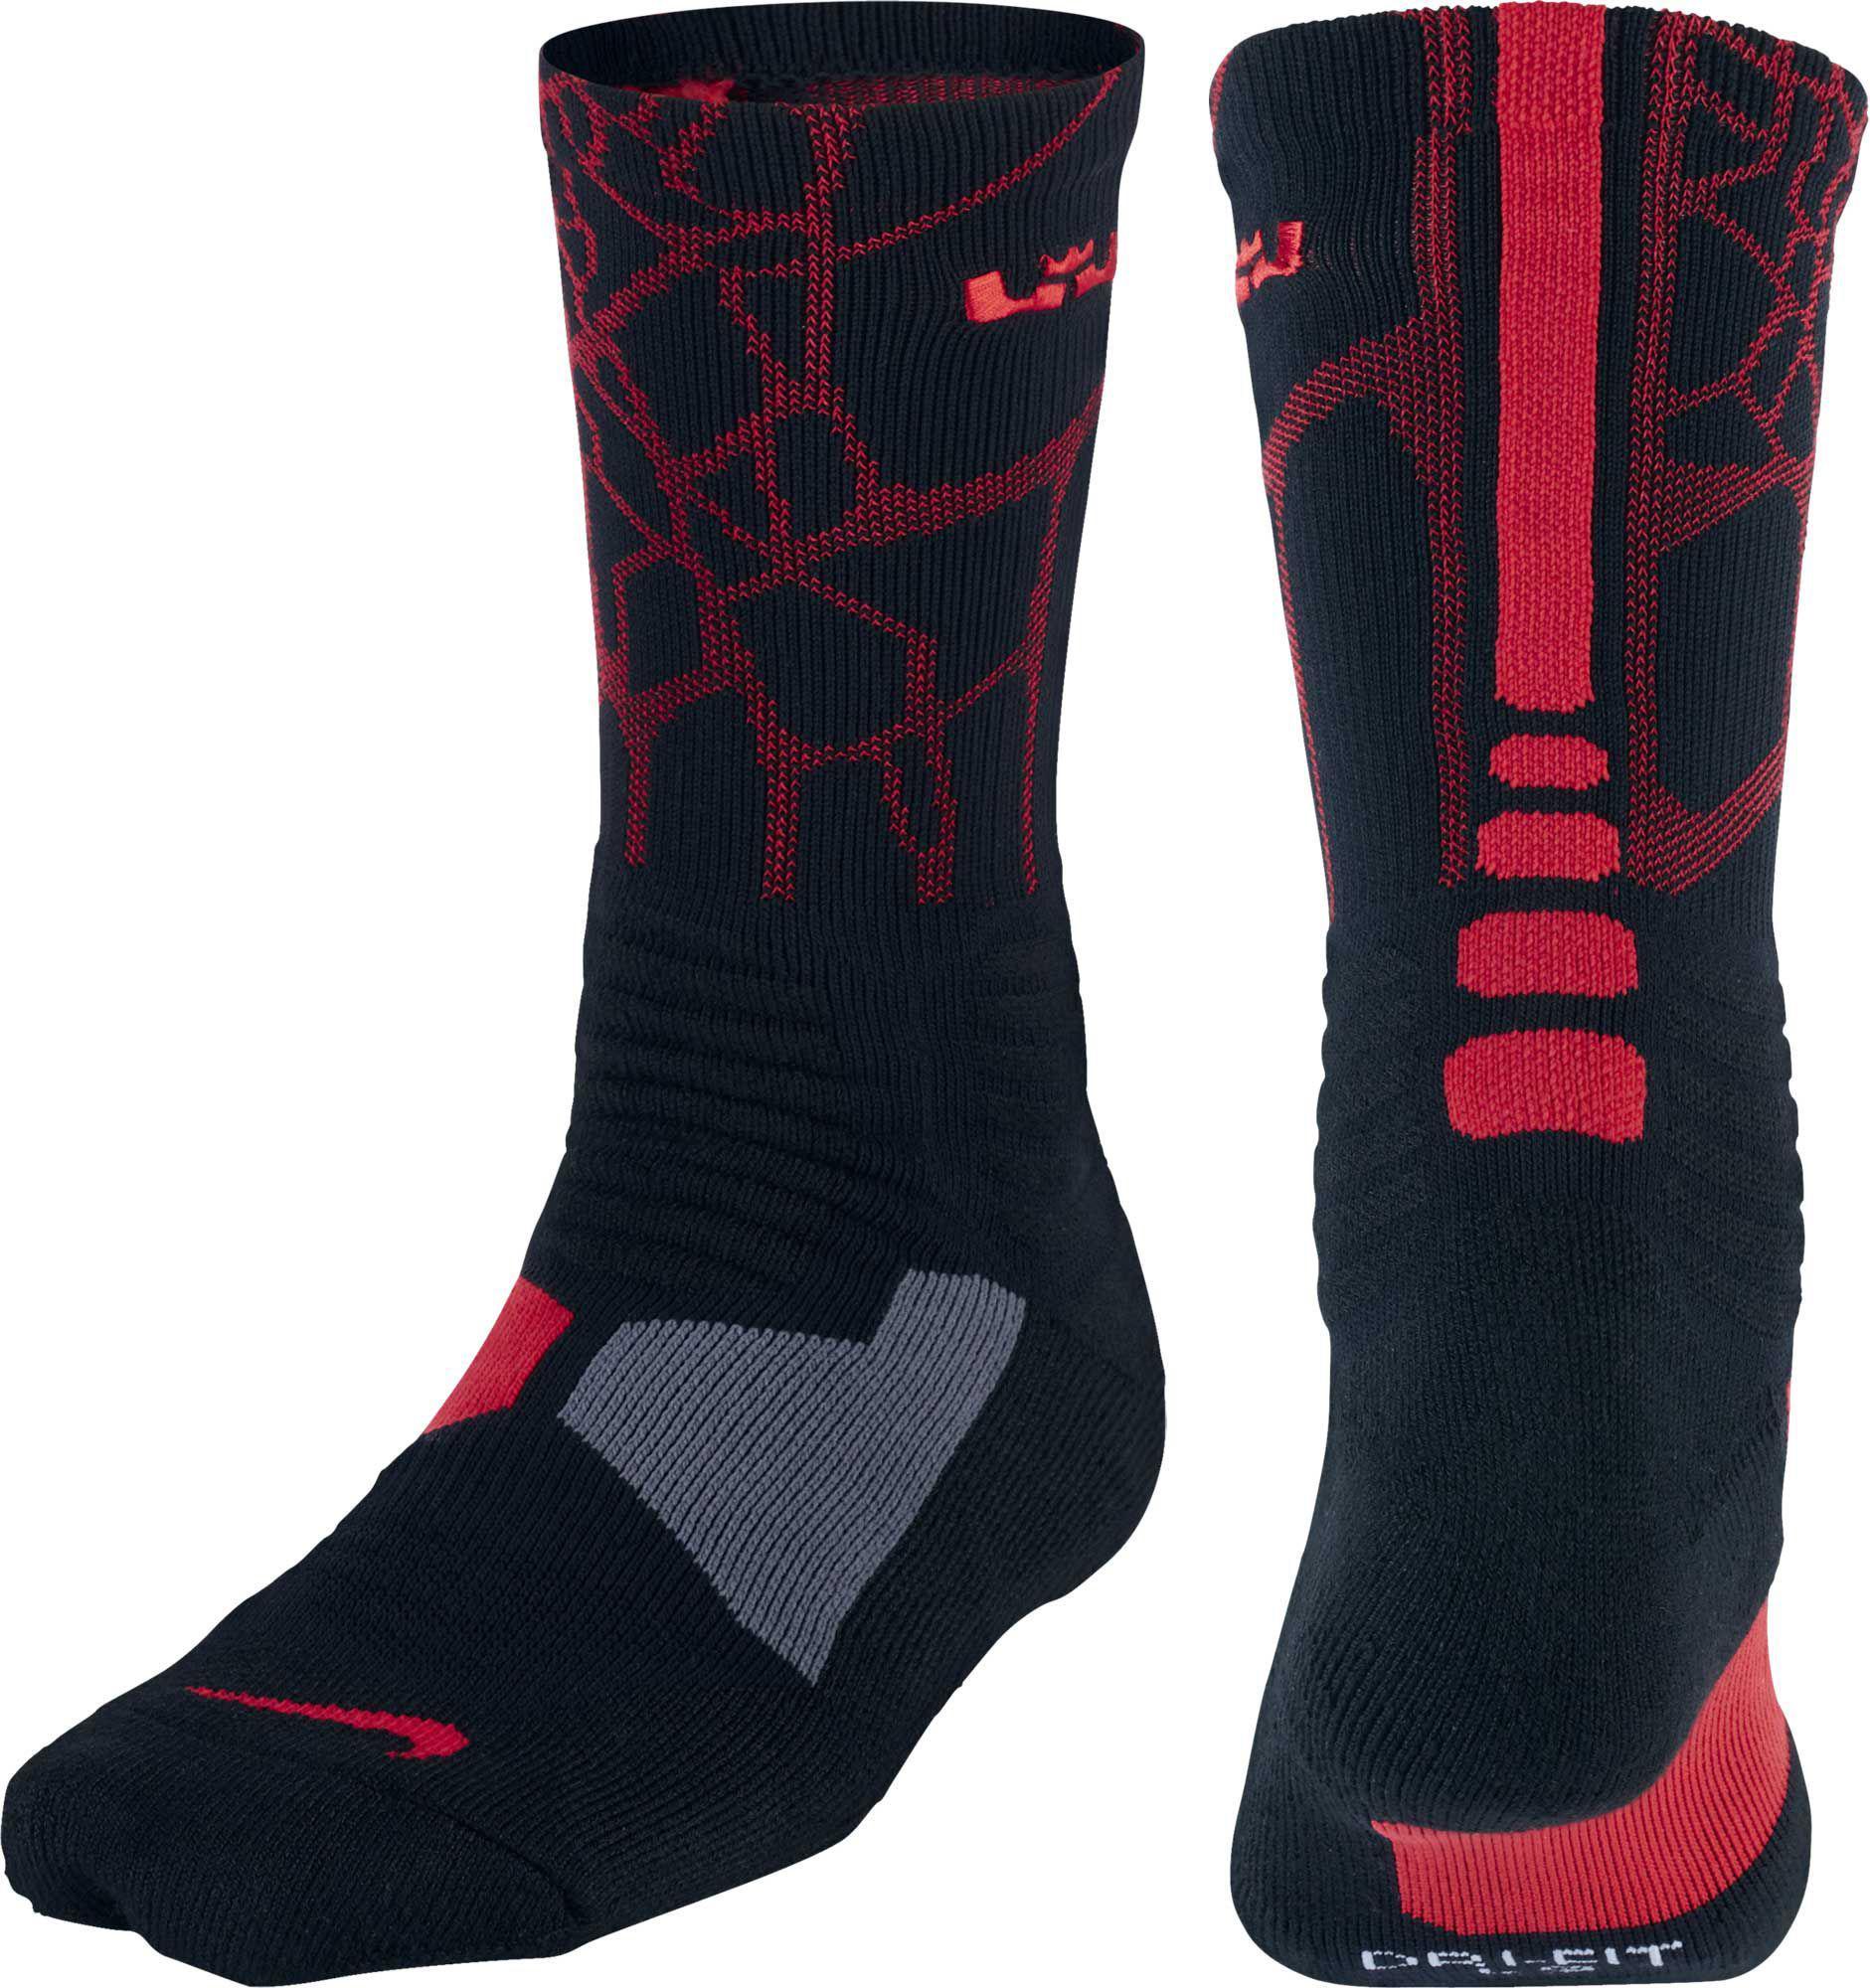 4d4fed4453e6 Nike Lebron Hyper Elite Crew Basketball Socks in Black for Men - Lyst